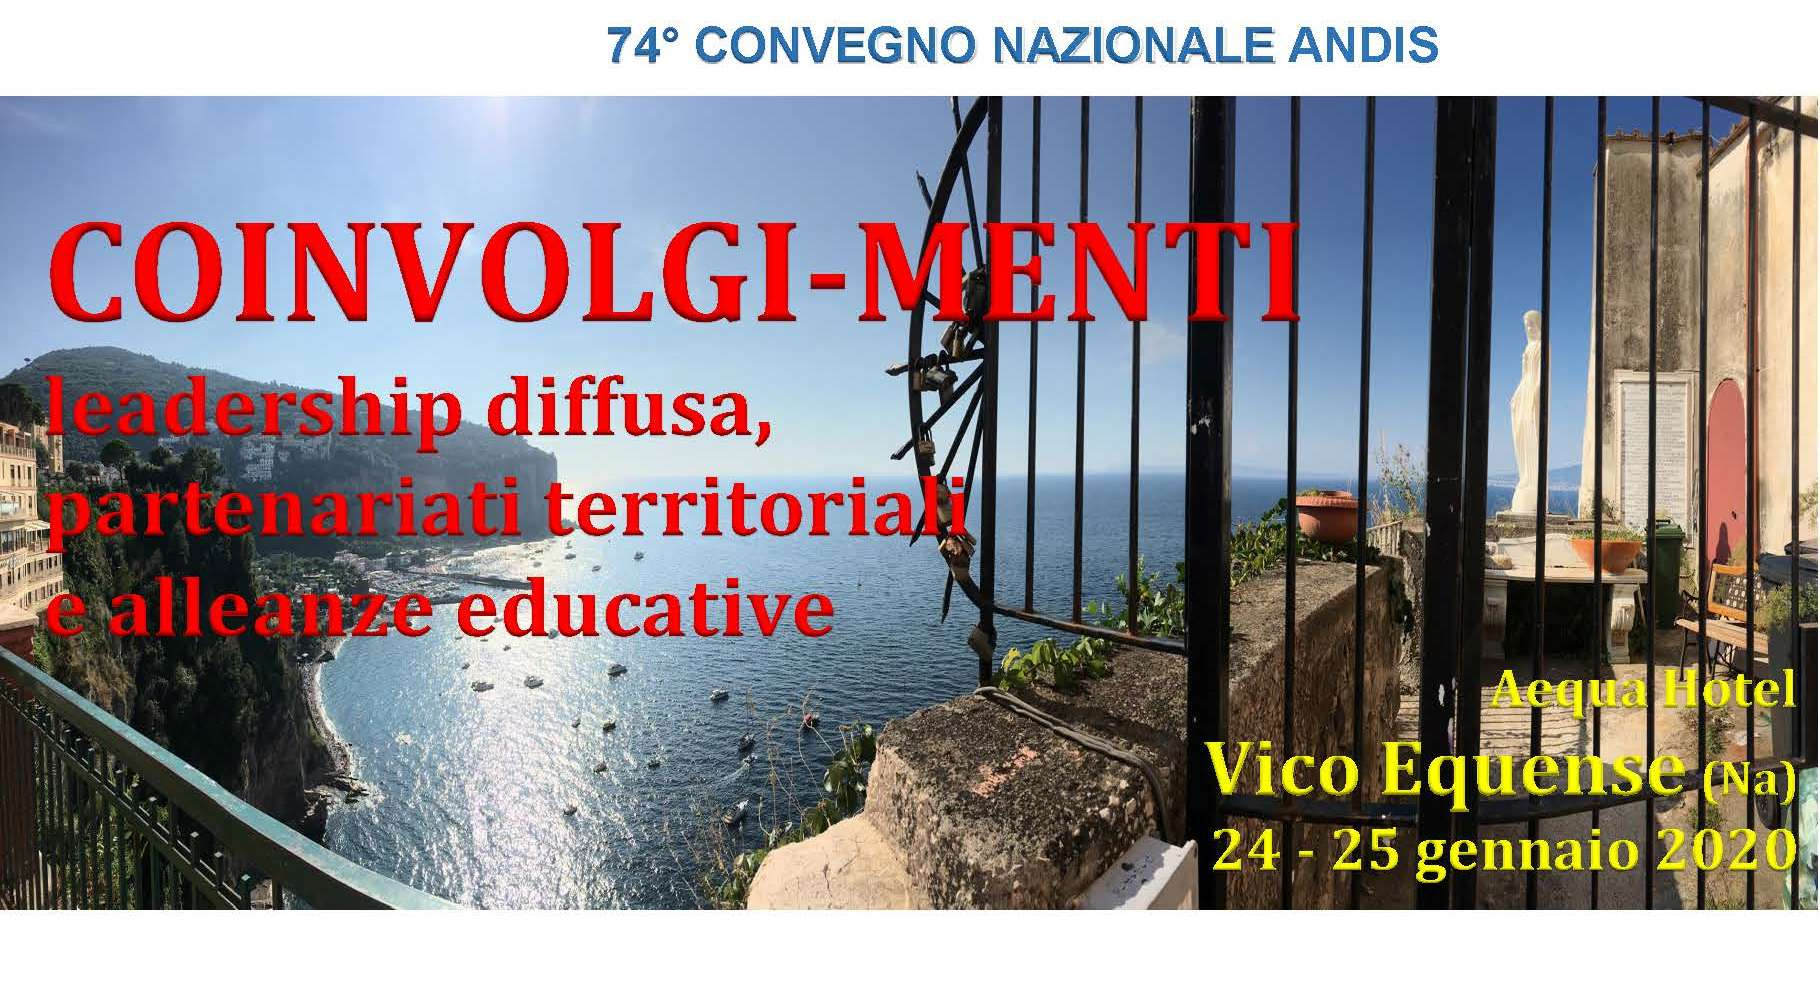 74° CONVEGNO NAZIONALE in collaborazione con la sezione ANDIS Campania